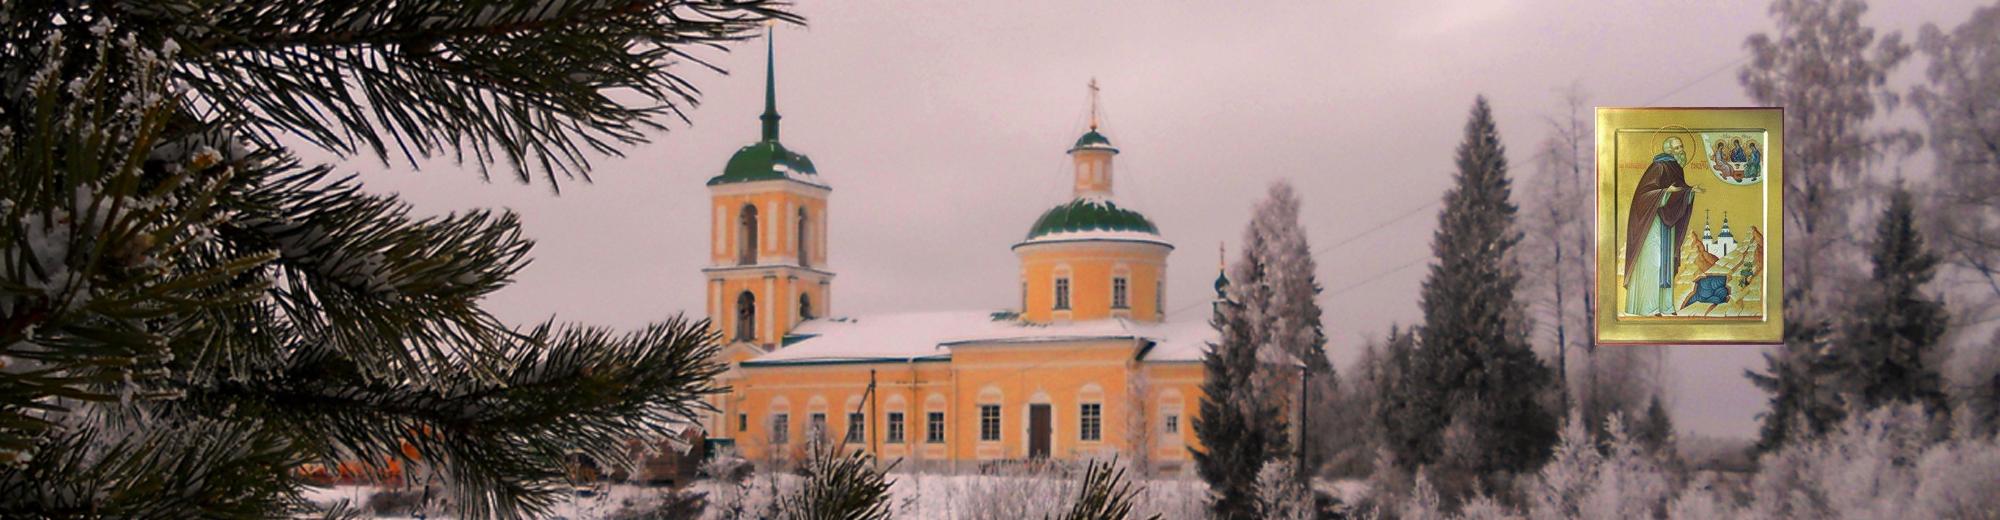 Свято-Троице Никандров женский монастырь